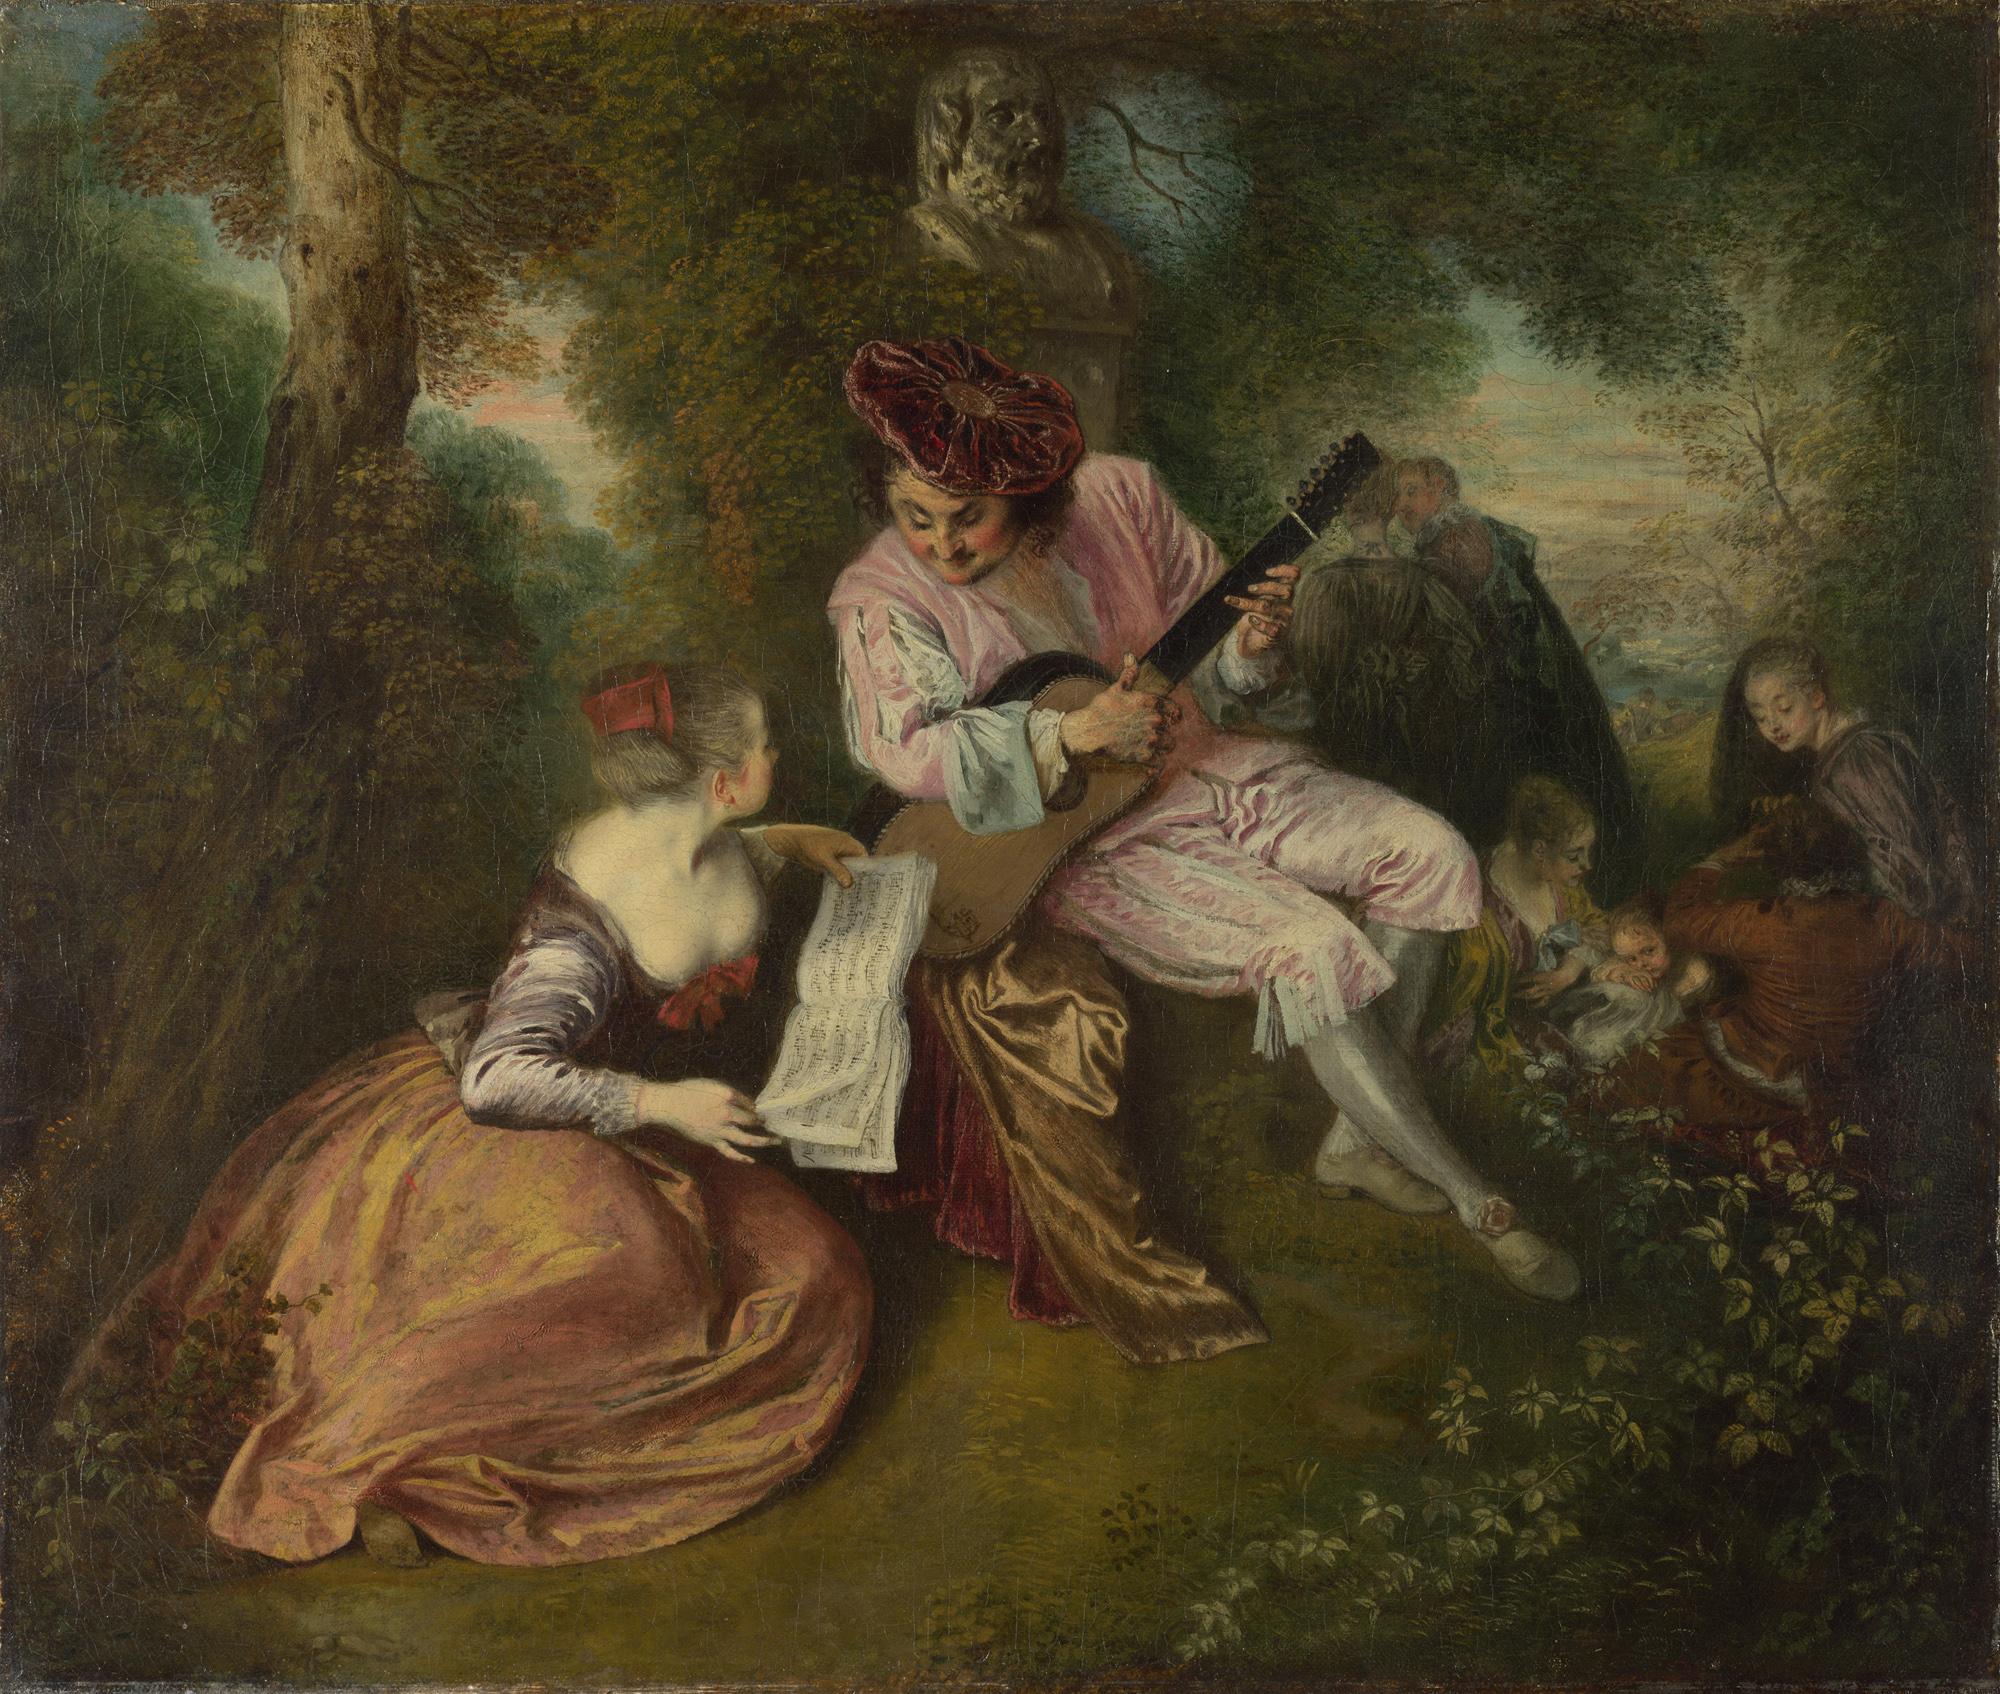 Watteau v fenwick essay writer